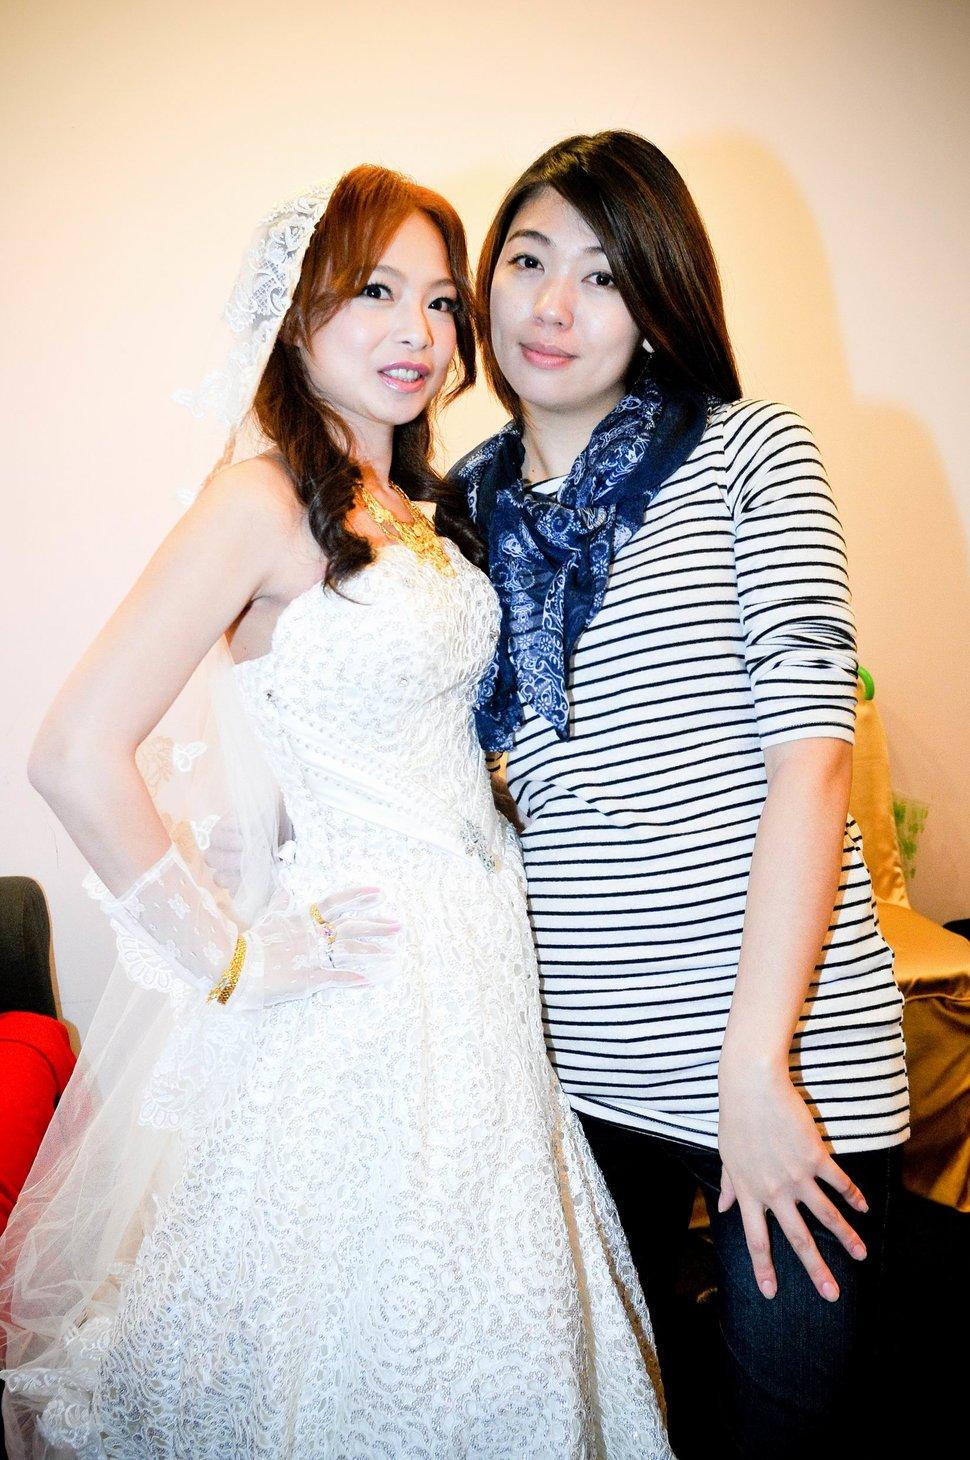 龍和餐廳結婚迎娶儀式晚宴婚禮記錄動態微電影錄影專業錄影平面攝影婚攝婚禮主持人(編號:272539) - 蜜月拍照10800錄影12800攝影團隊 - 結婚吧